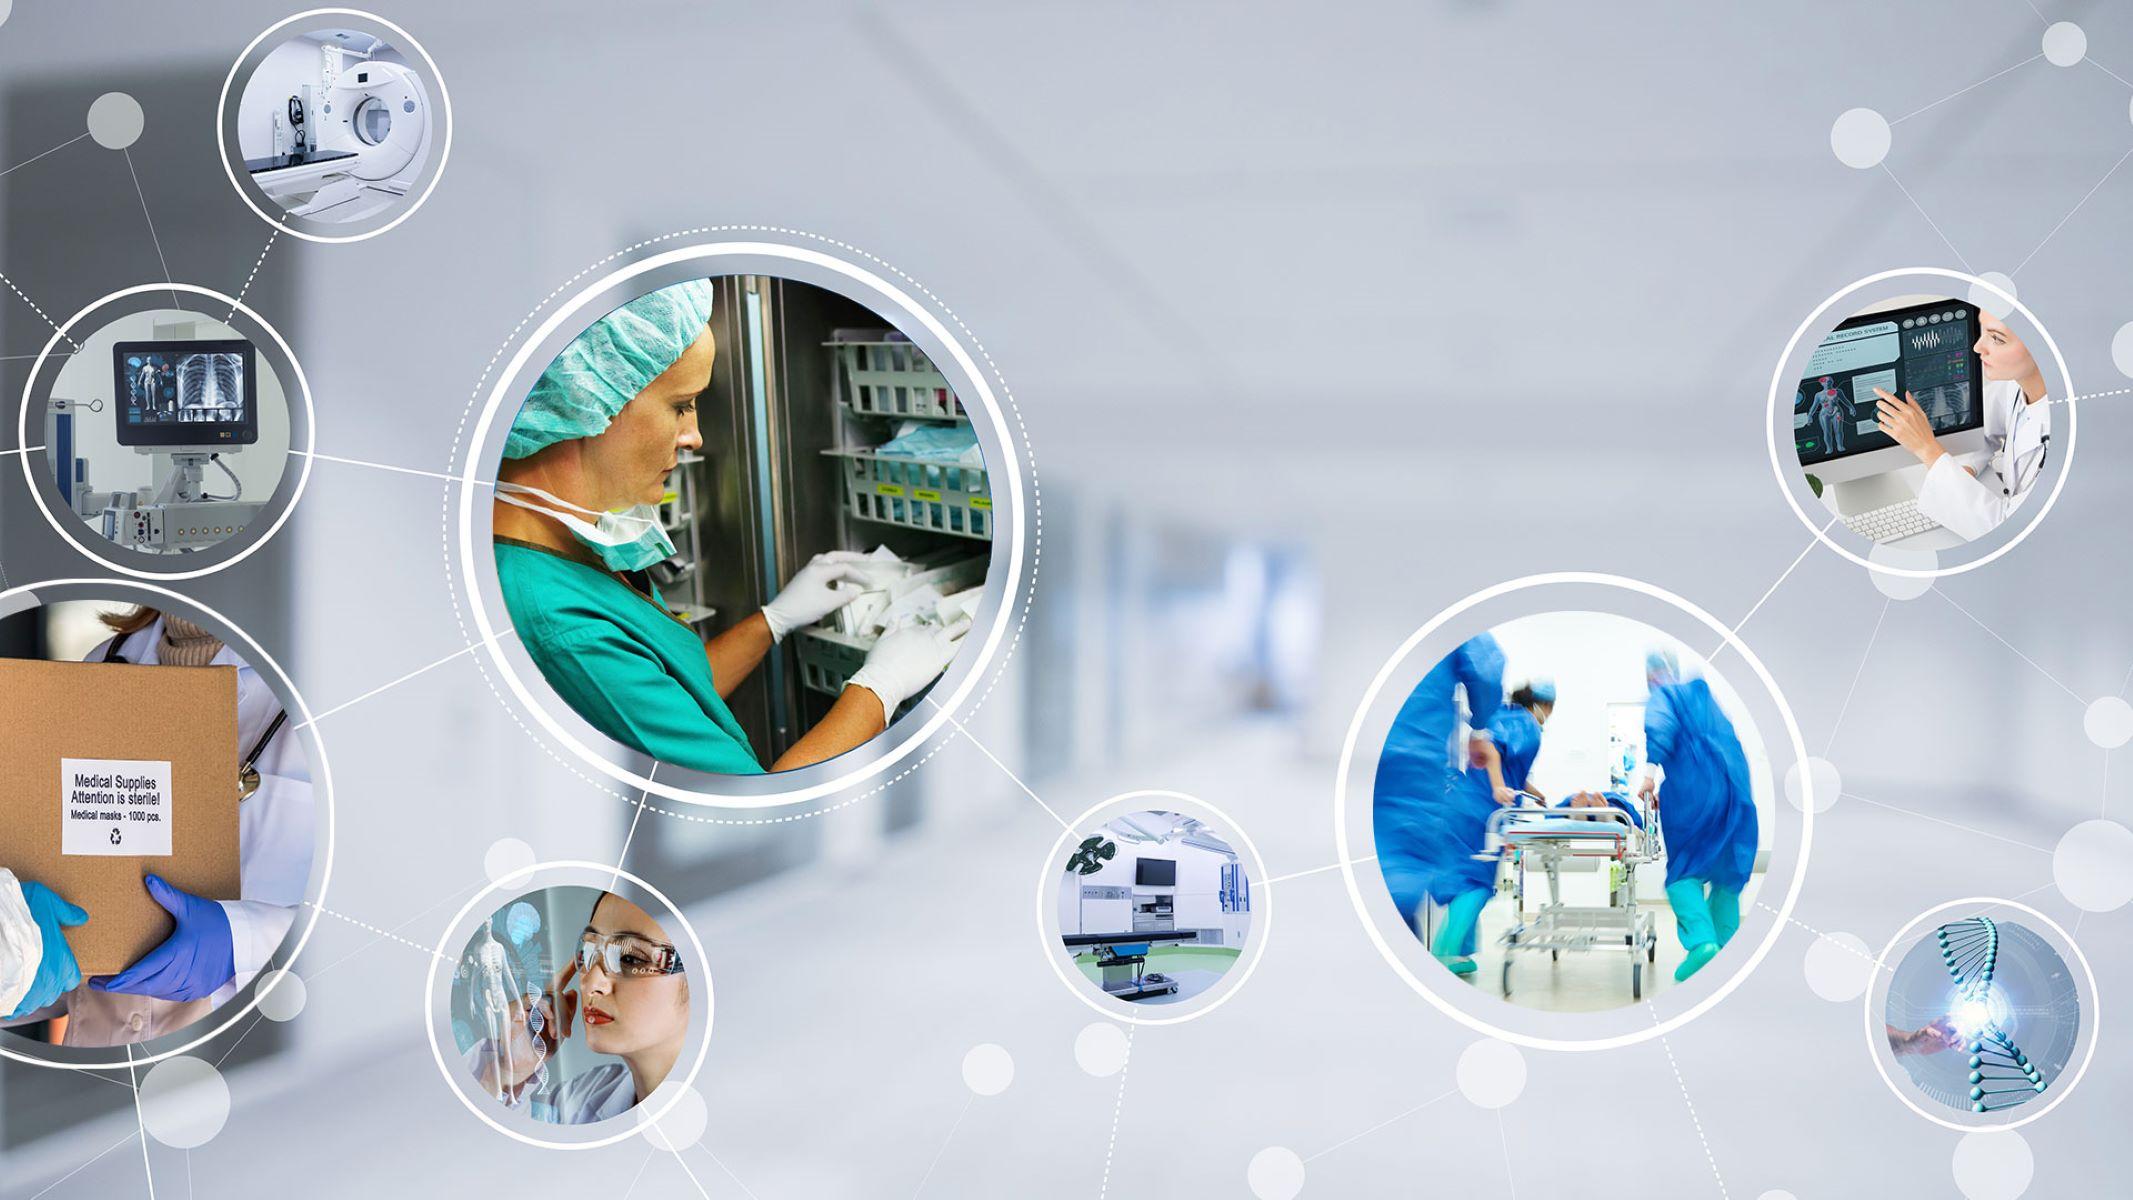 Προμήθειες νοσοκομείων: Πόσους νόμους χρειάζεται η Ελλάδα για να κάνει προμήθειες στα νοσοκομεία;